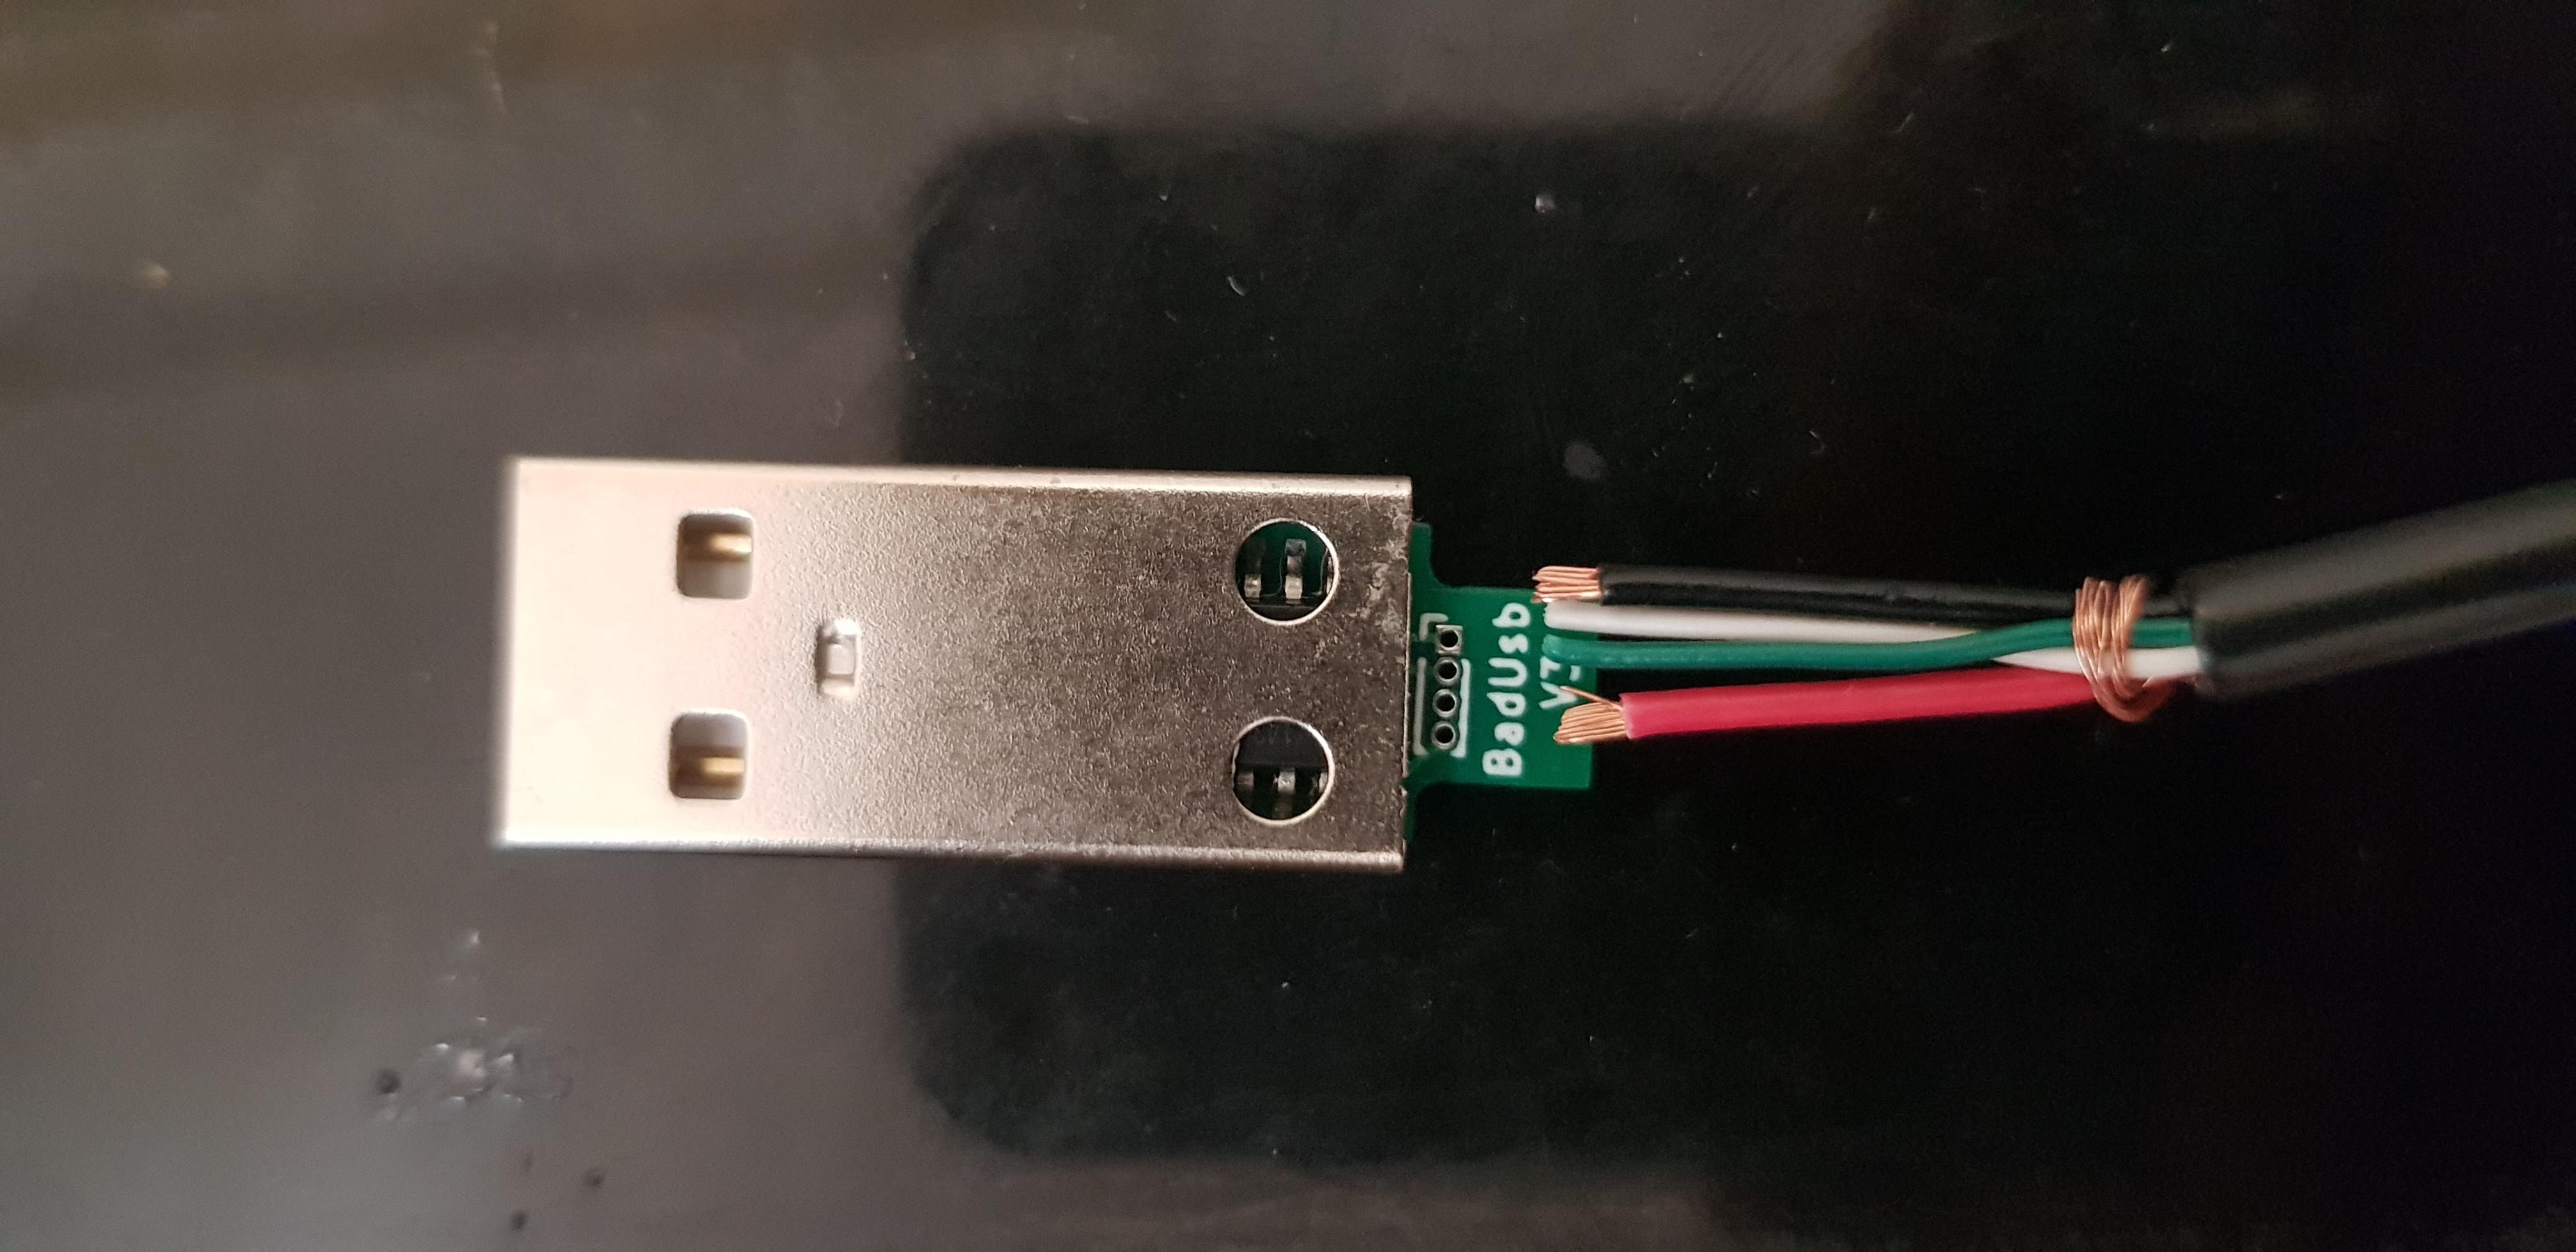 Strip wires